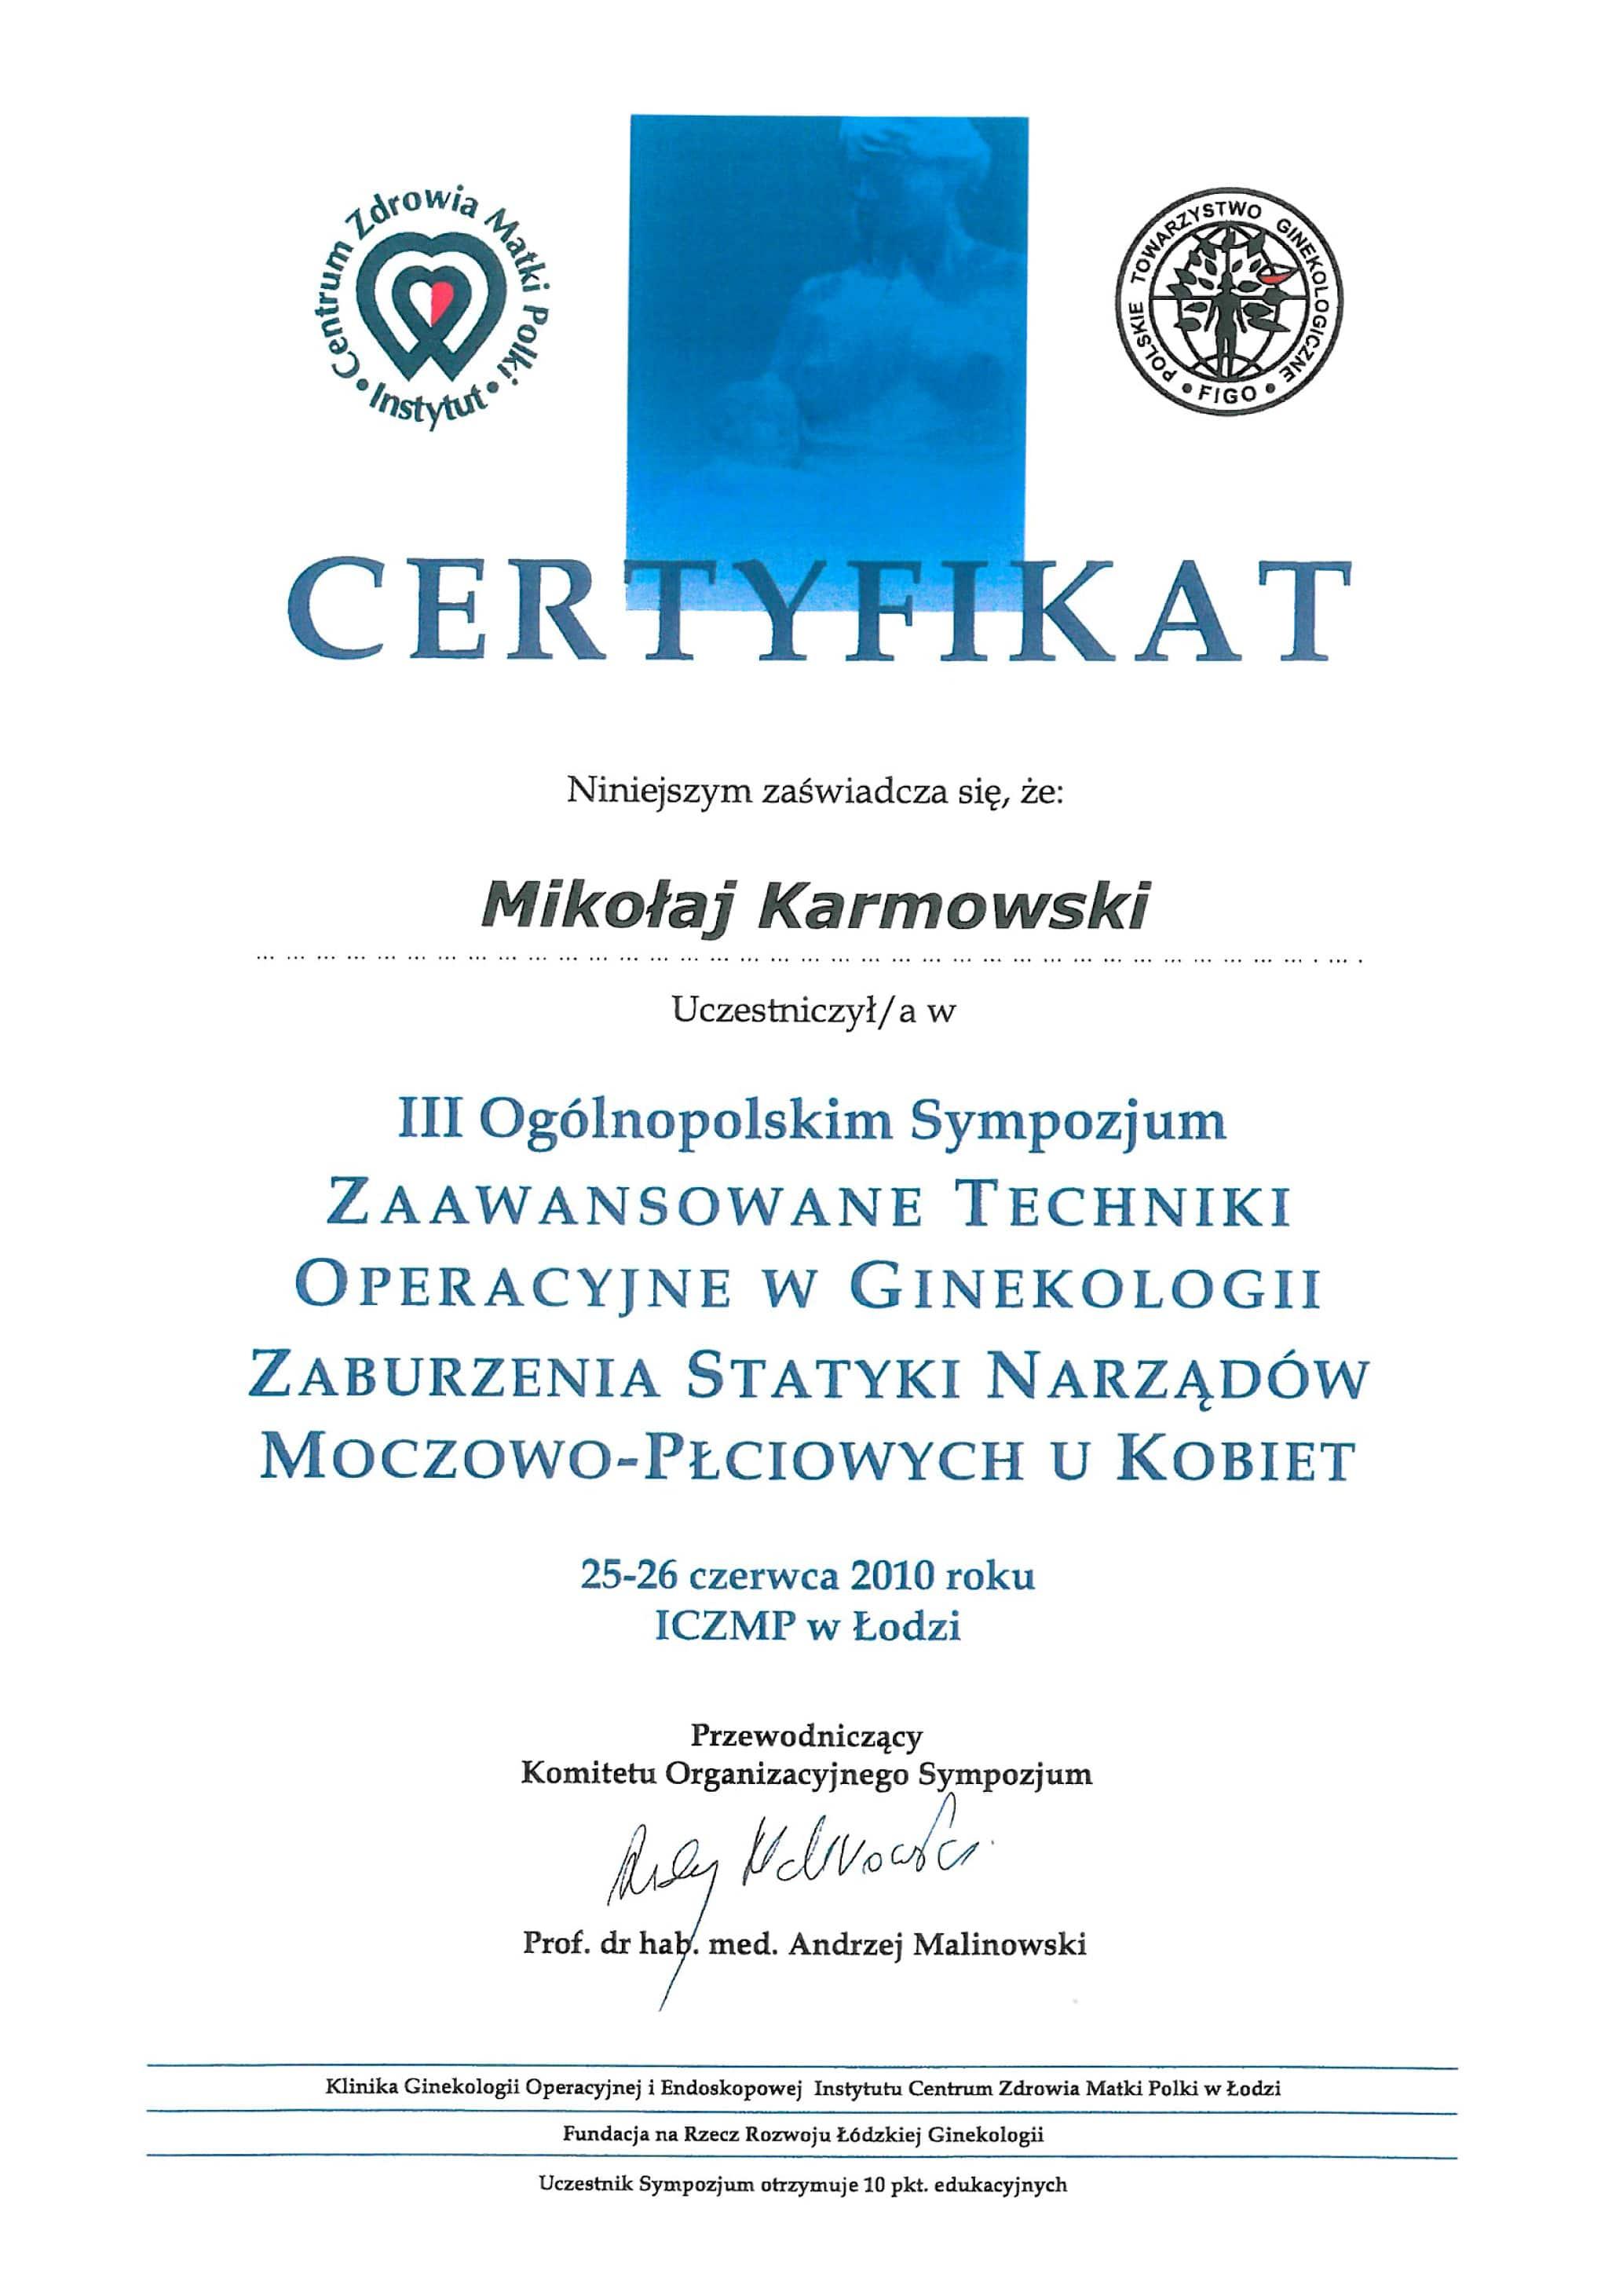 Mikołaj Karmowski certyfikat zaawansowane techniki operacyjne w ginekologii